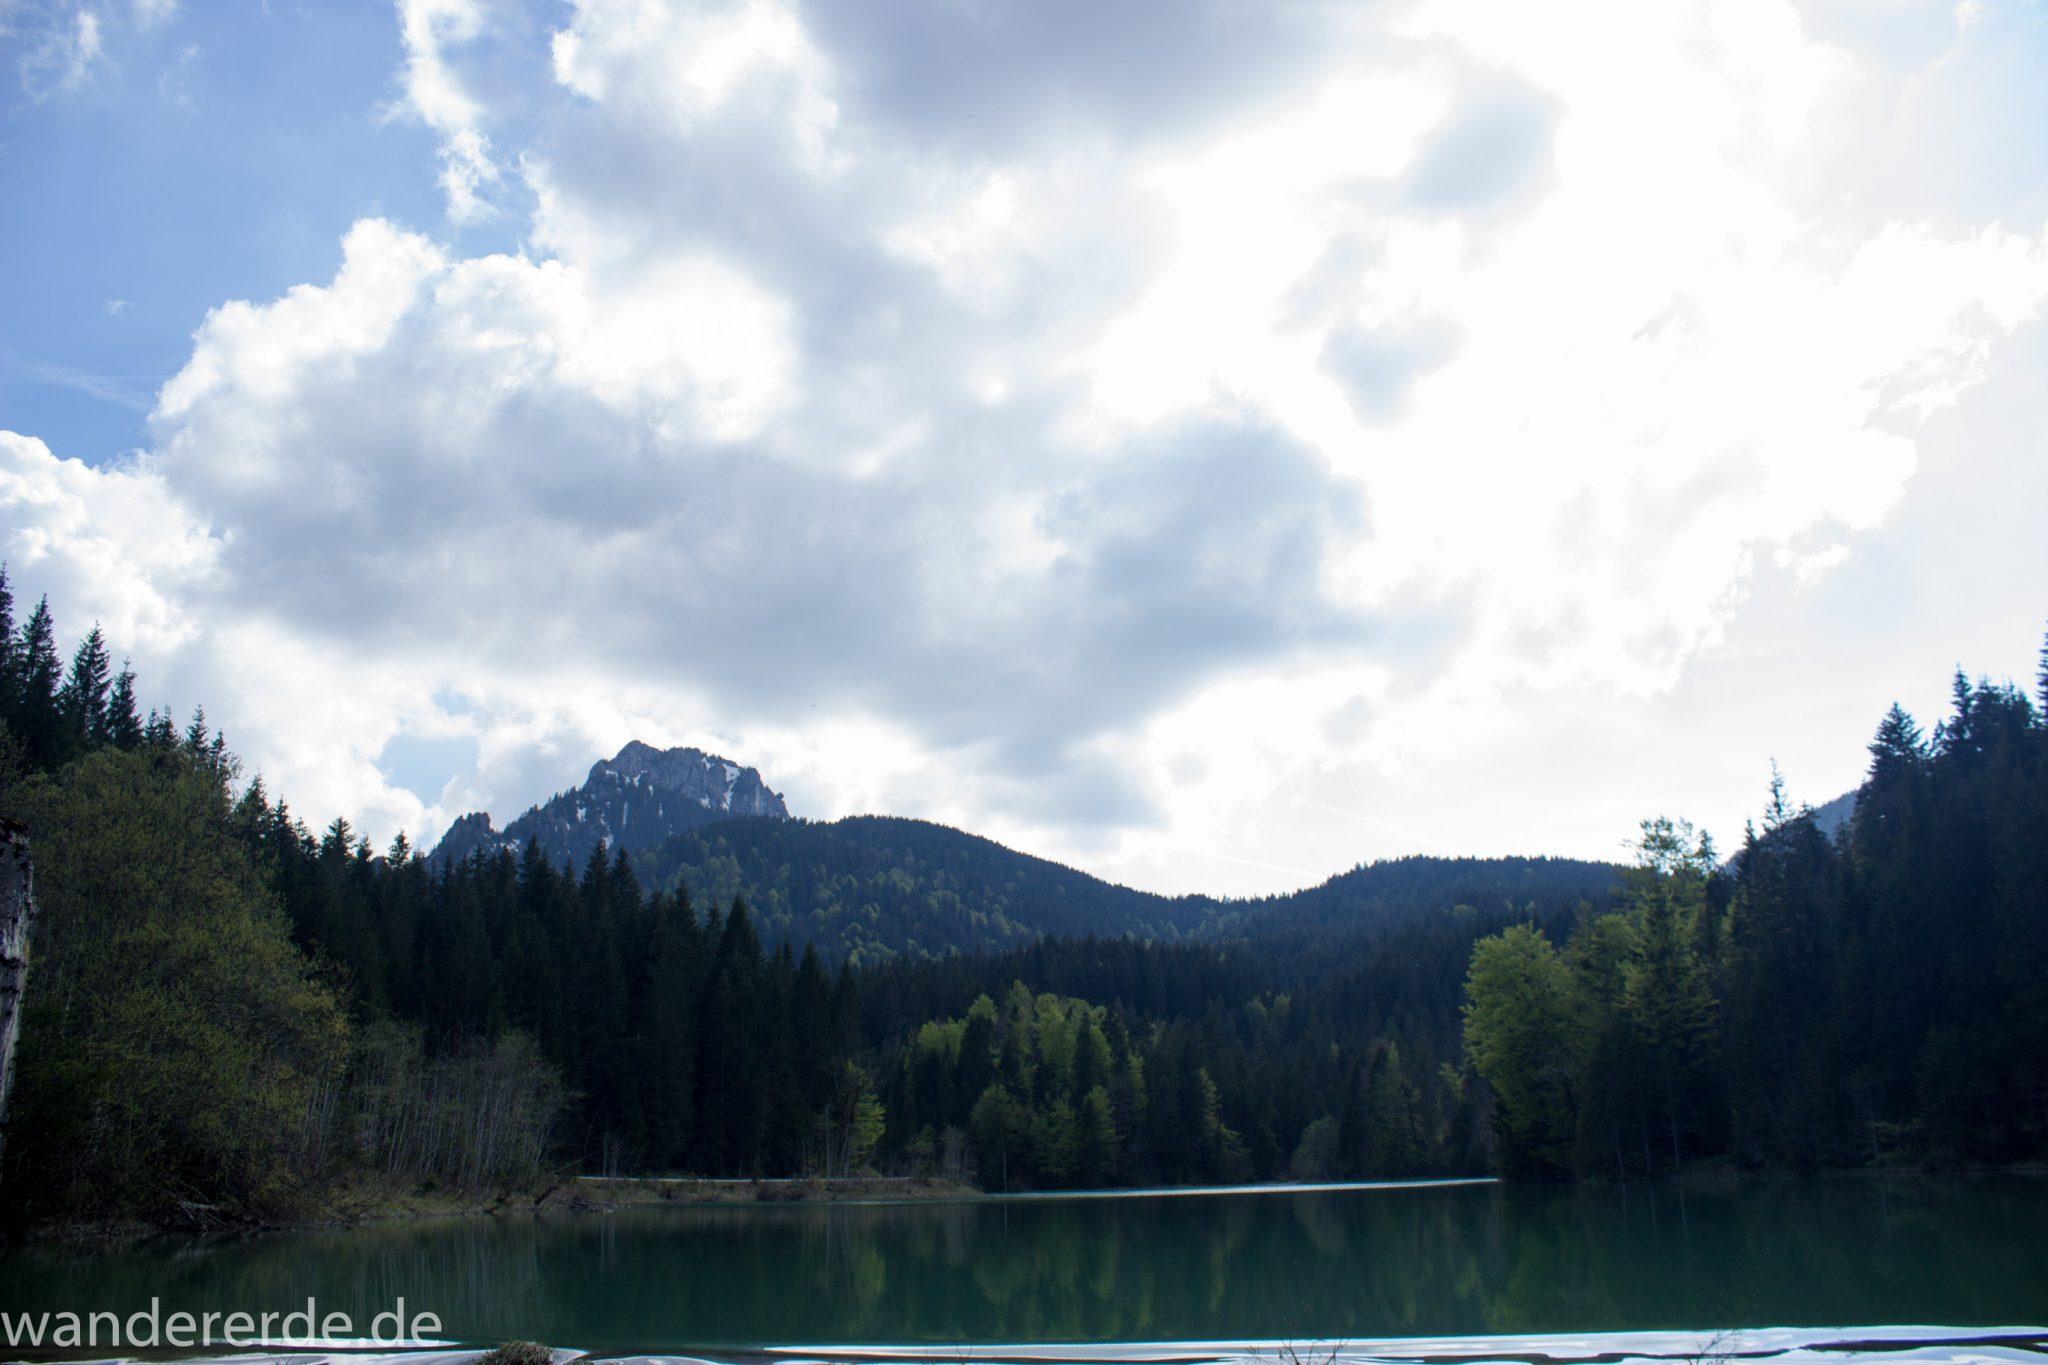 Wanderung zur Kenzenhütte in den Ammergauer Alpen, Aussicht beim Stausee auf die Berge, teils schneebedeckte Gipfel, Frühjahr in den bayerischen Alpen, dichter grüner Wald umgibt den Stausee, klares grünblaues Wasser